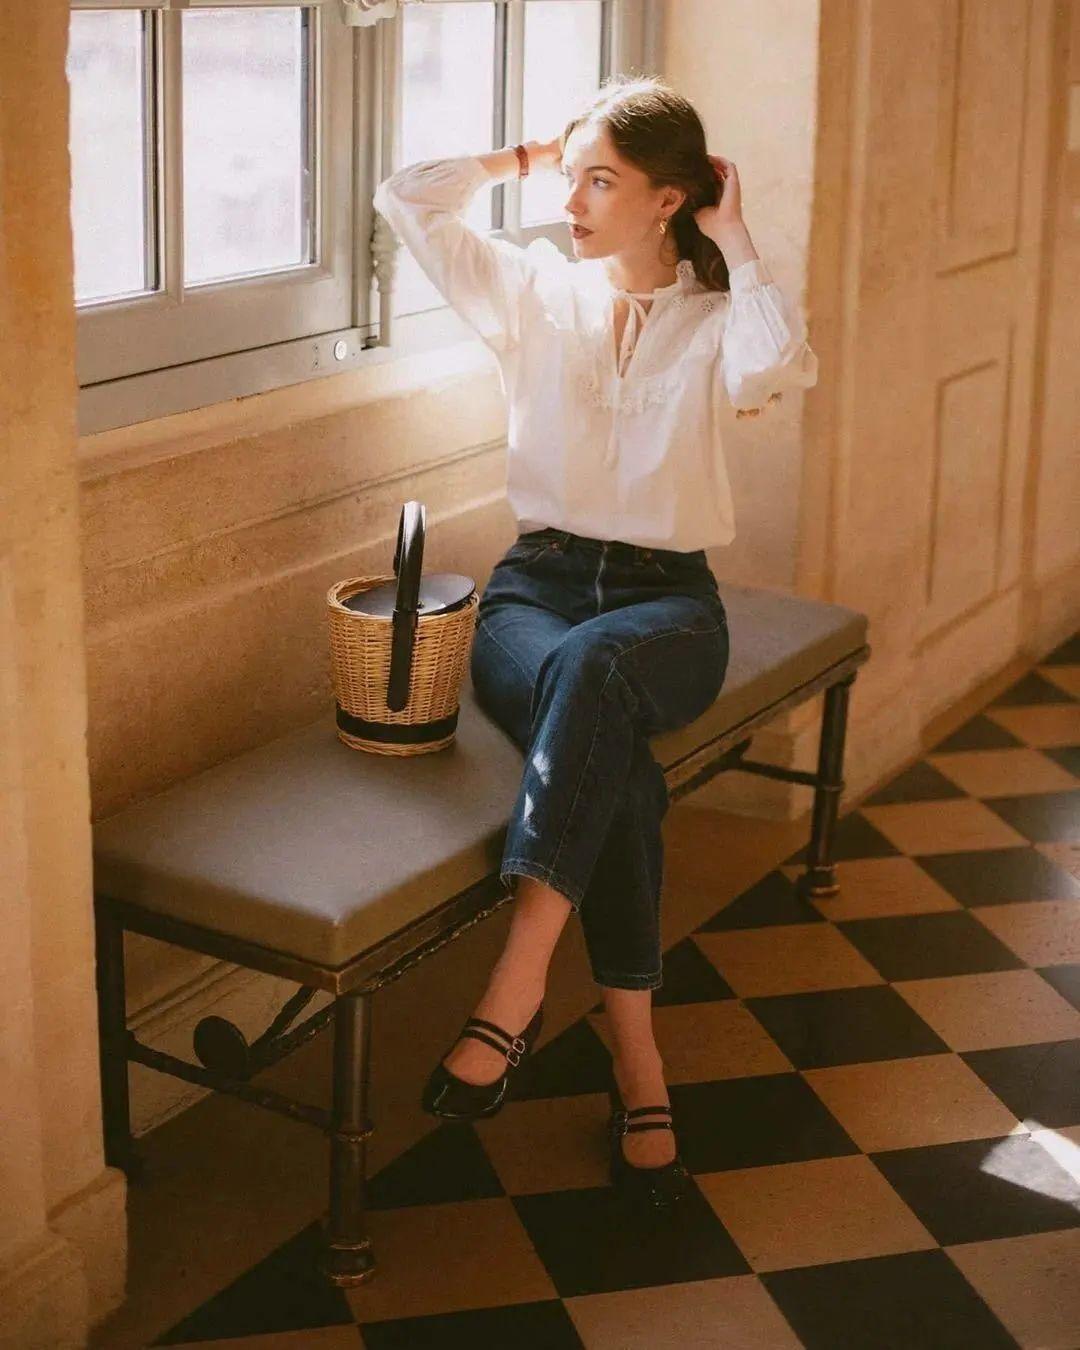 Áo blouse + quần jeans: Combo giúp nàng công sở trông sang như gái Pháp trong ngày Thu - Ảnh 13.